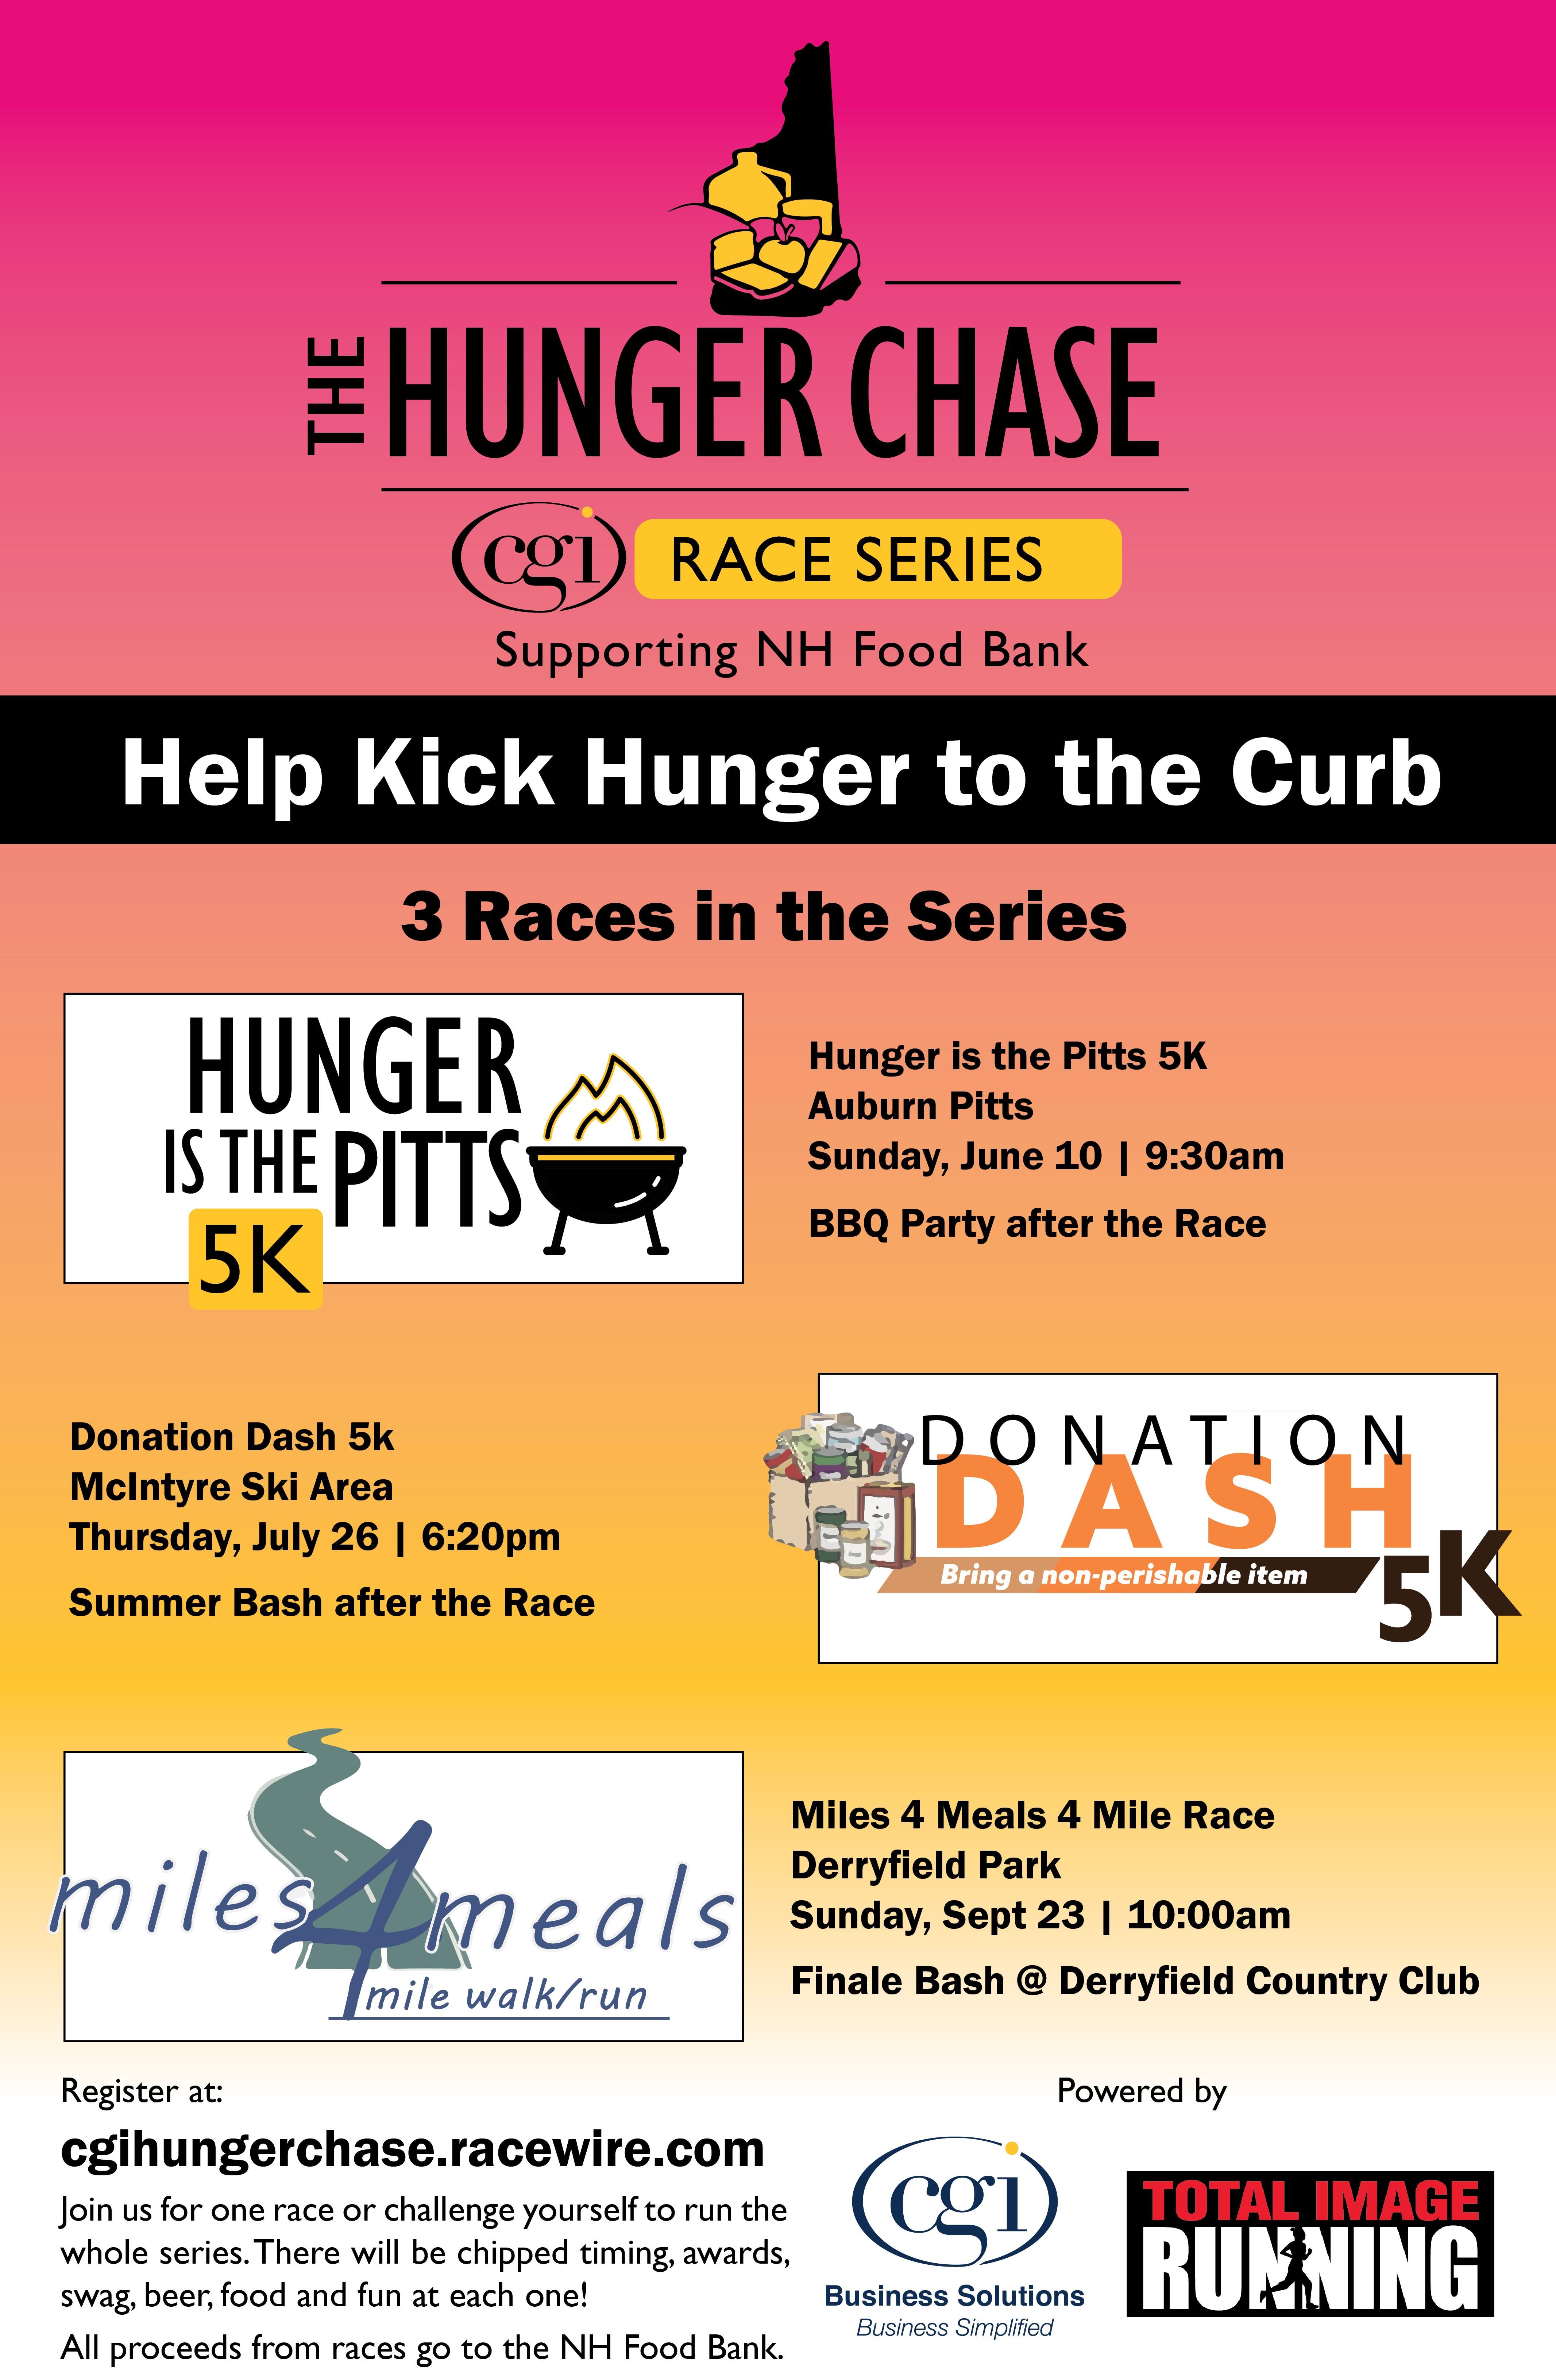 CGI-FF-May-18-Hunger-Chase-Poster.jpg